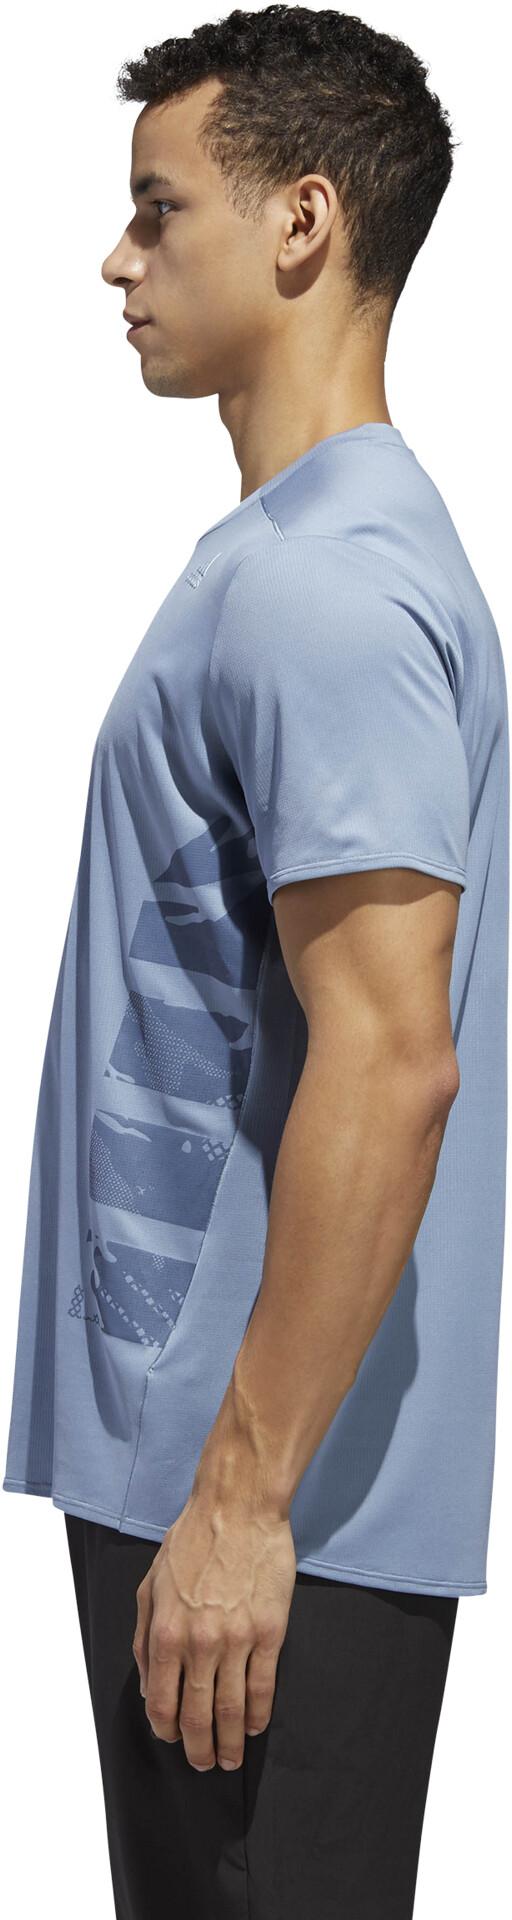 917ed272994 adidas Supernova Løbe T-shirt Herrer blå   Find outdoortøj, sko ...